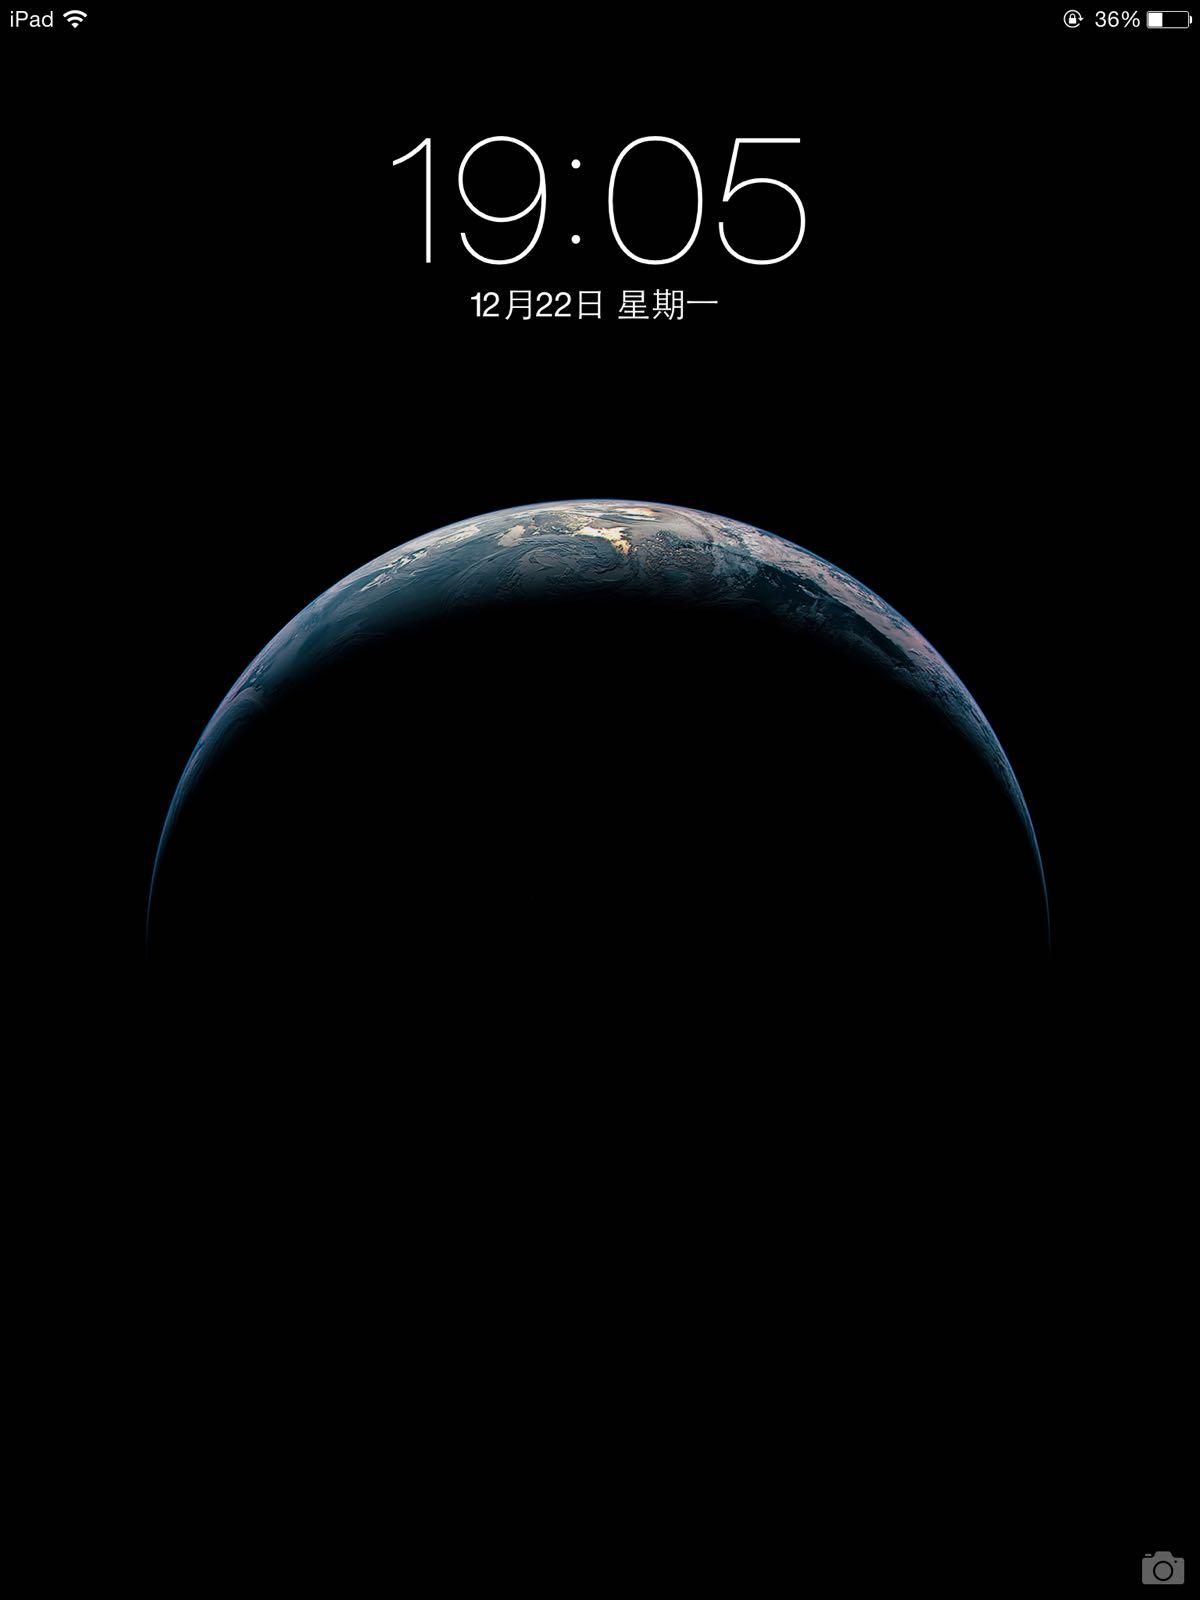 苹果锁屏界面有一个相机的logo按着划上去才能拍照哦  oppo支持黑屏图片